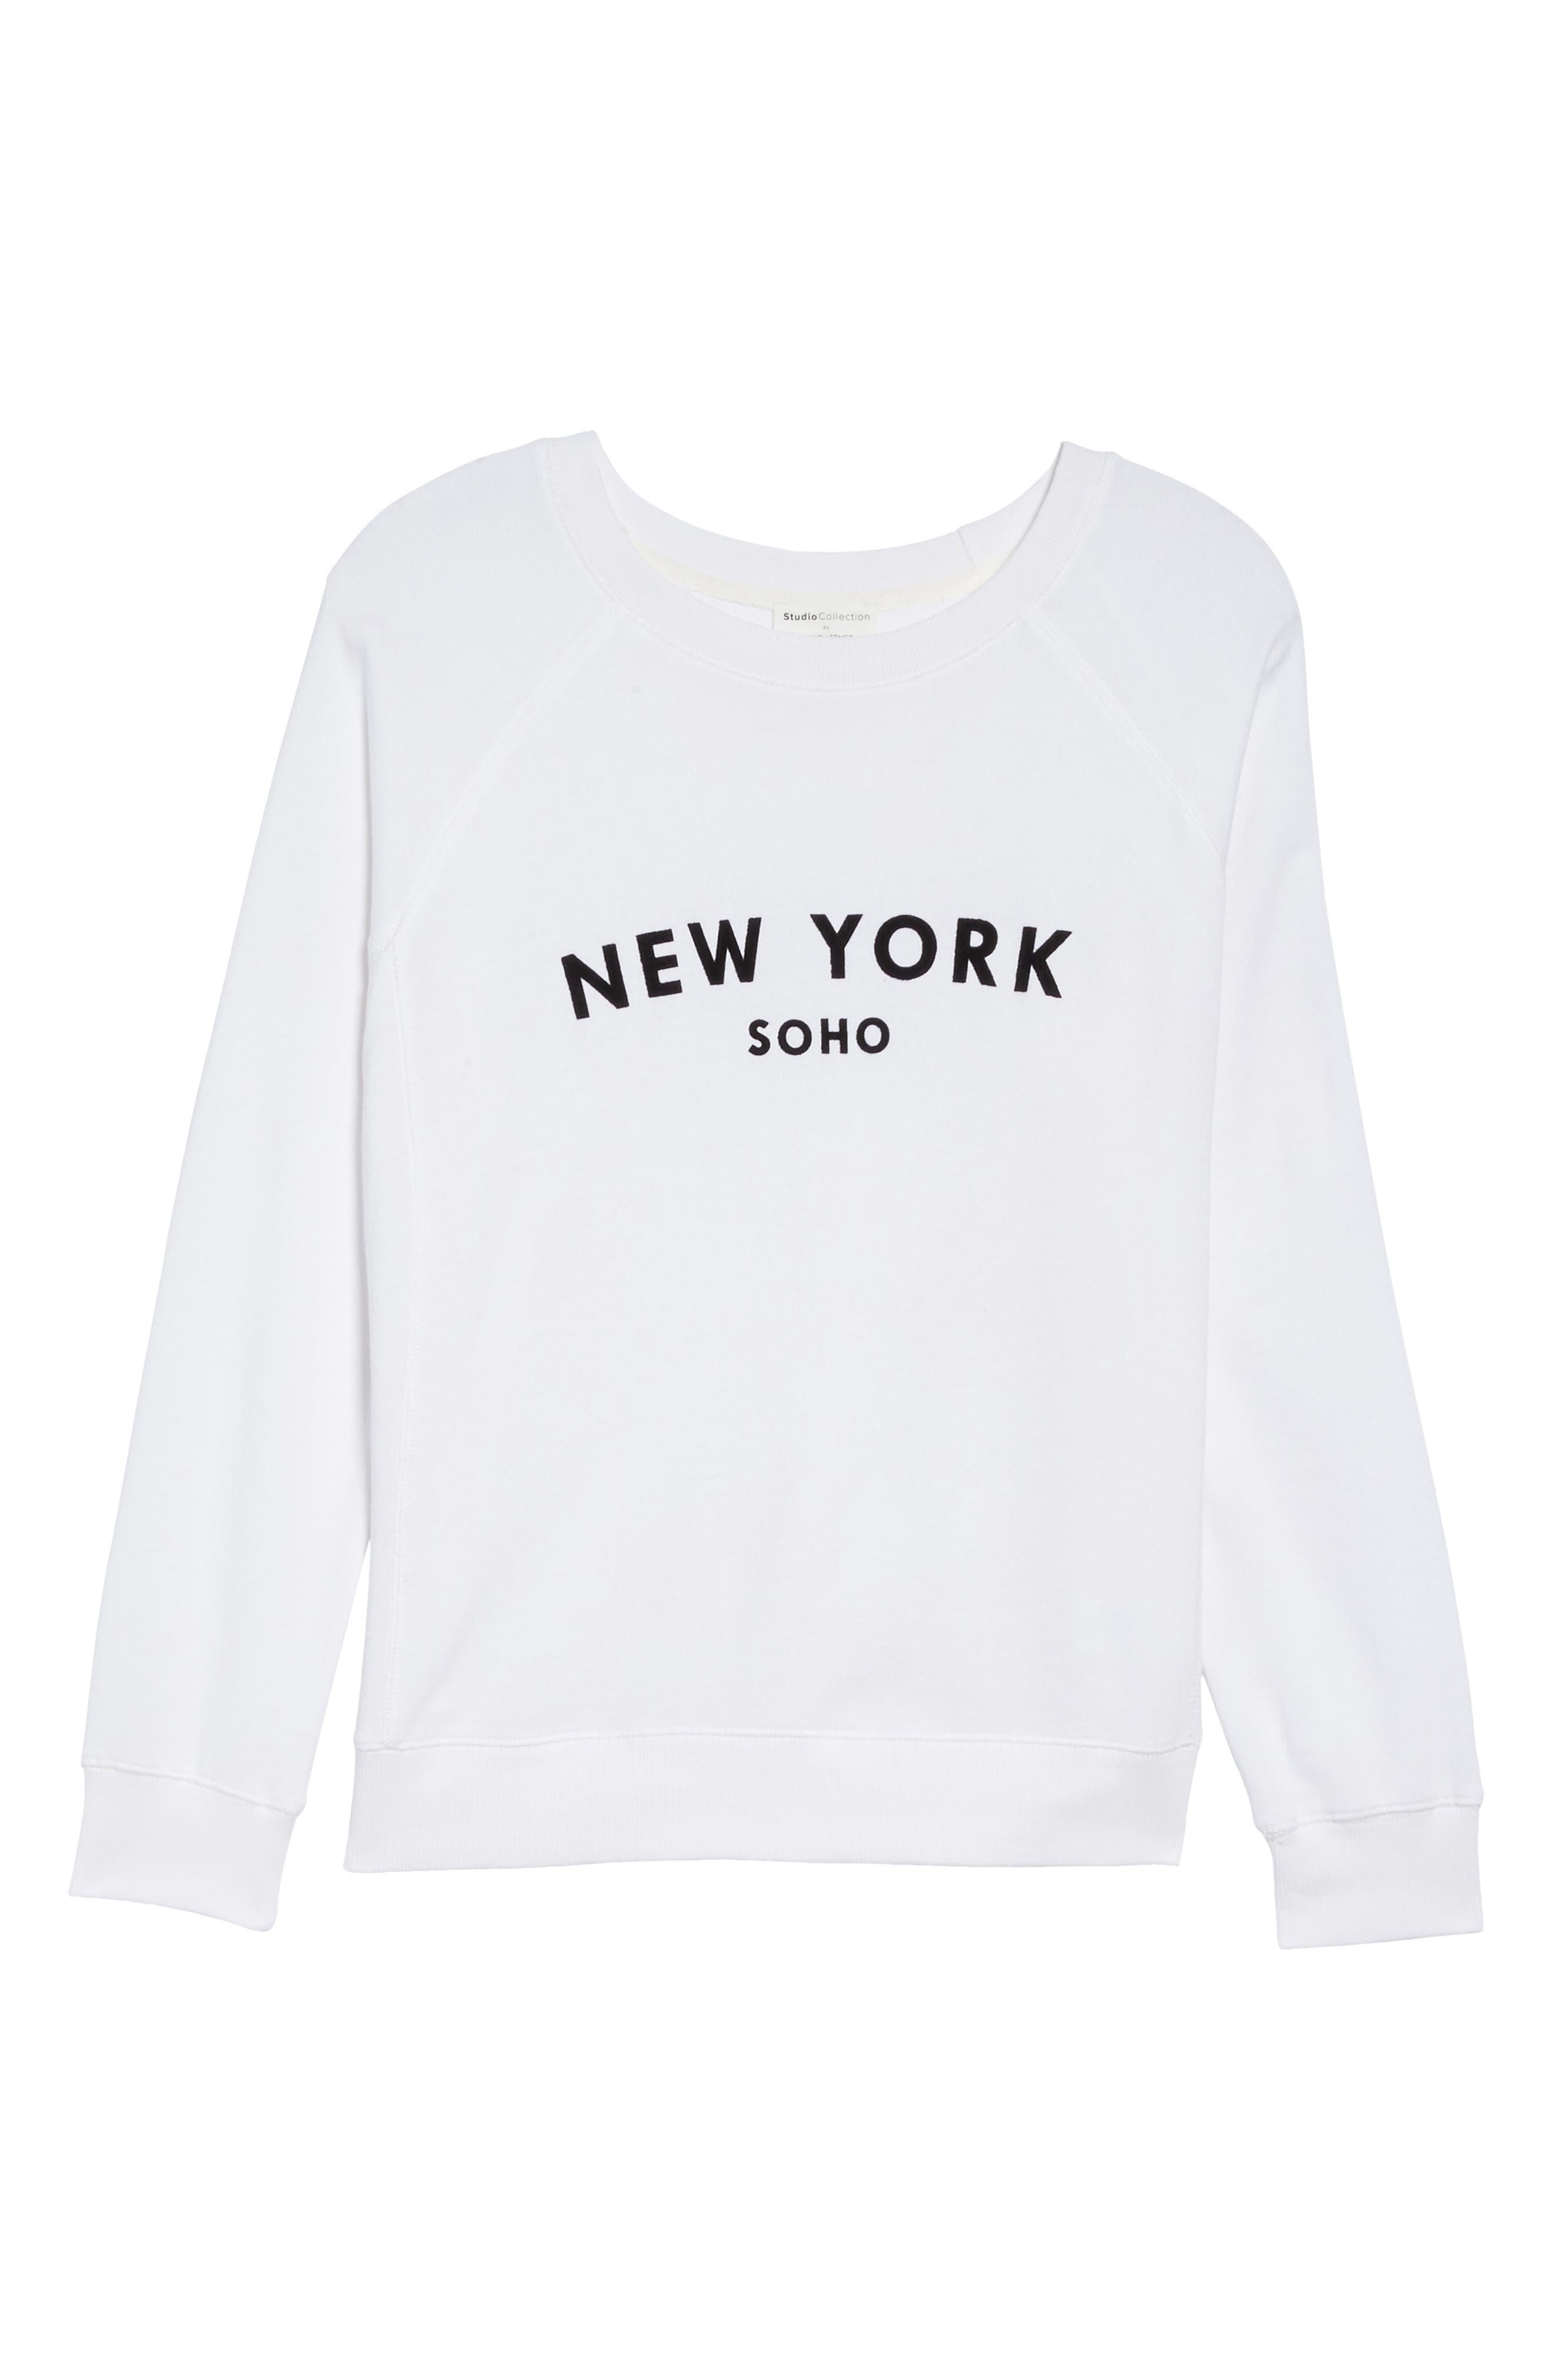 New York Soho Raglan Pullover,                             Alternate thumbnail 4, color,                             White